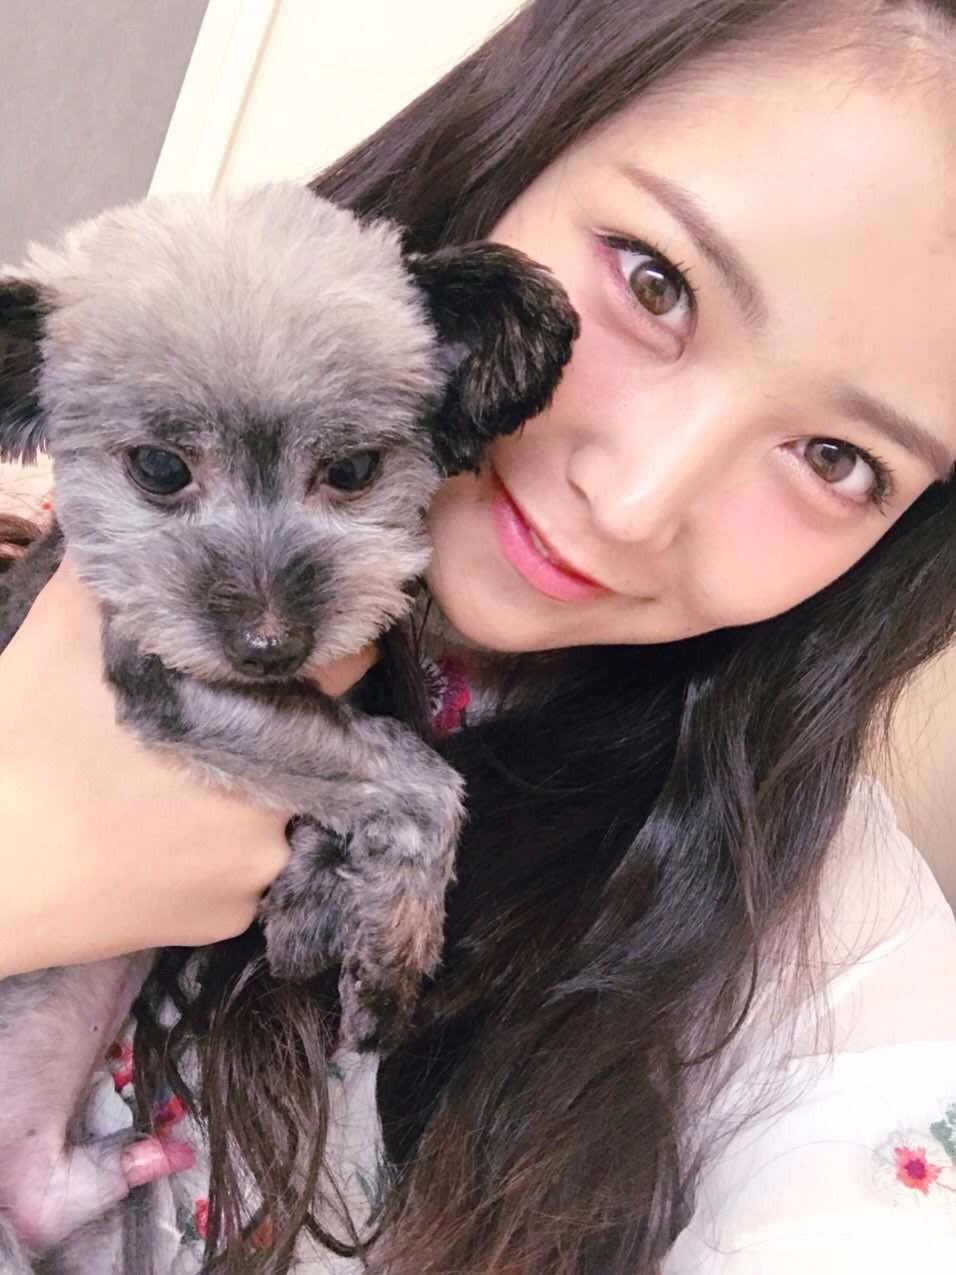 【画像】NMB48白間美瑠さん、Twitter写真に勃起チンポが写り込んでしまうwwwwwwwwwwwのサムネイル画像